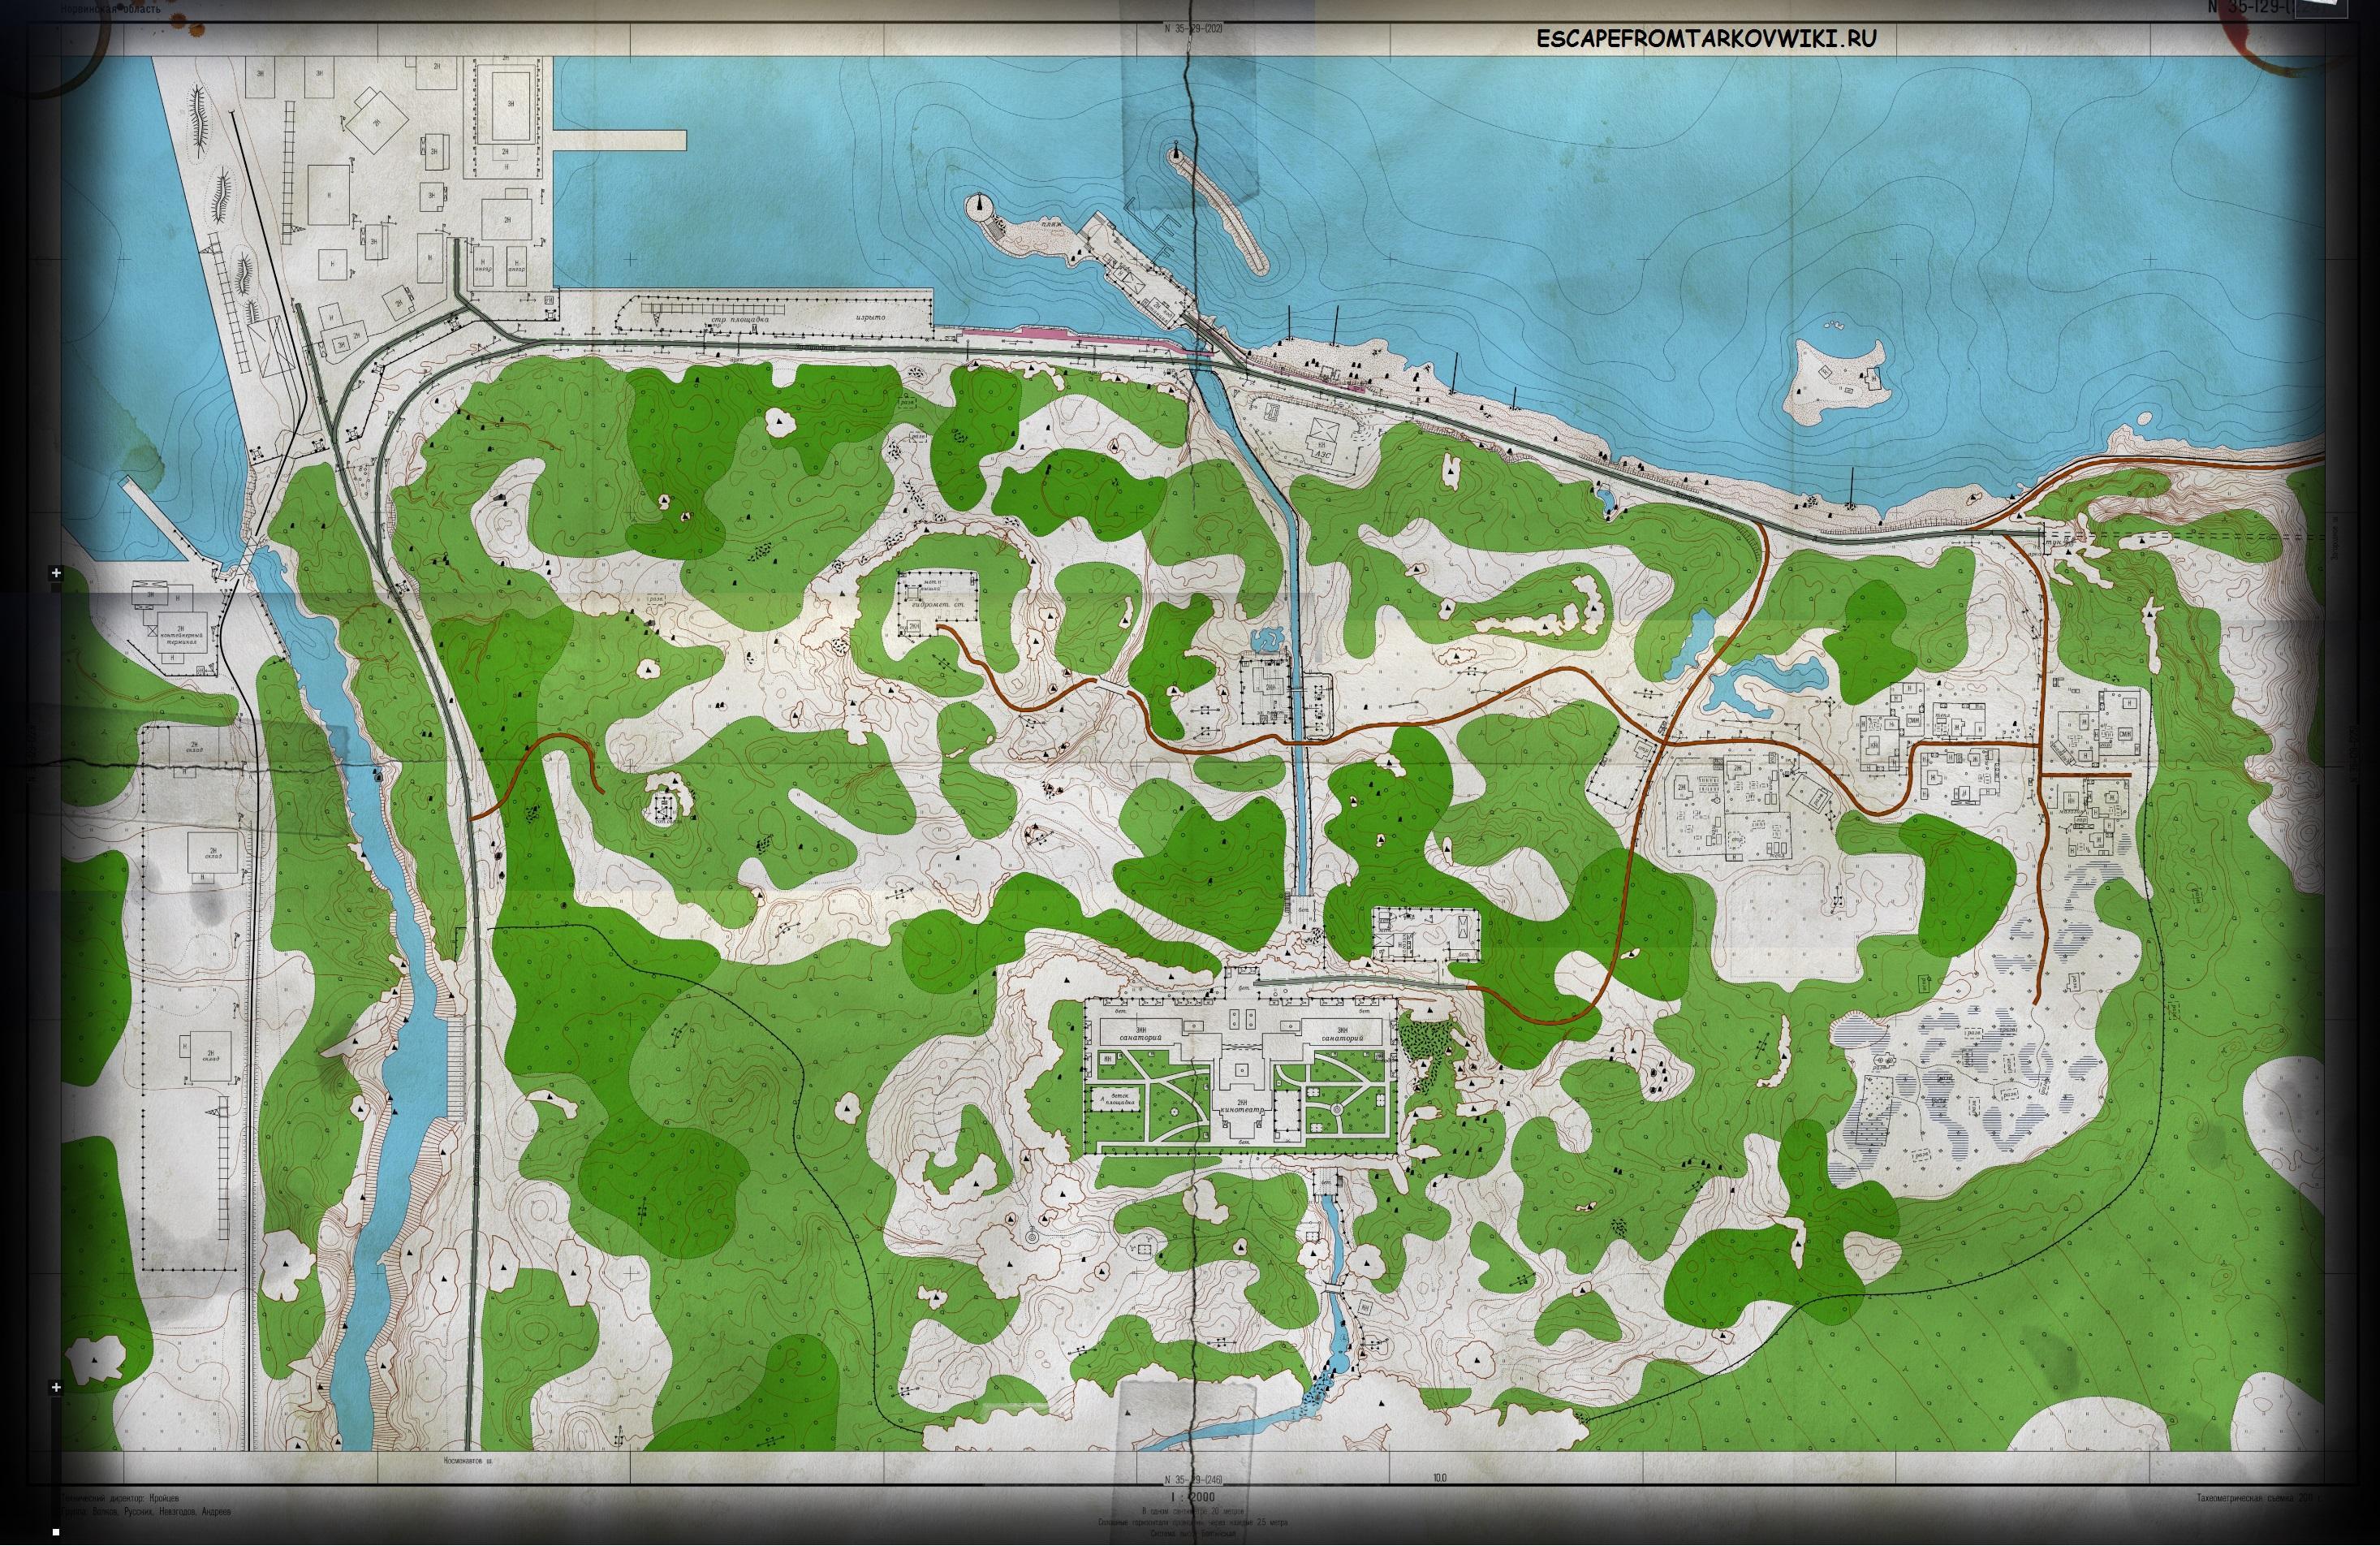 игровая карта берега escape from tarkov